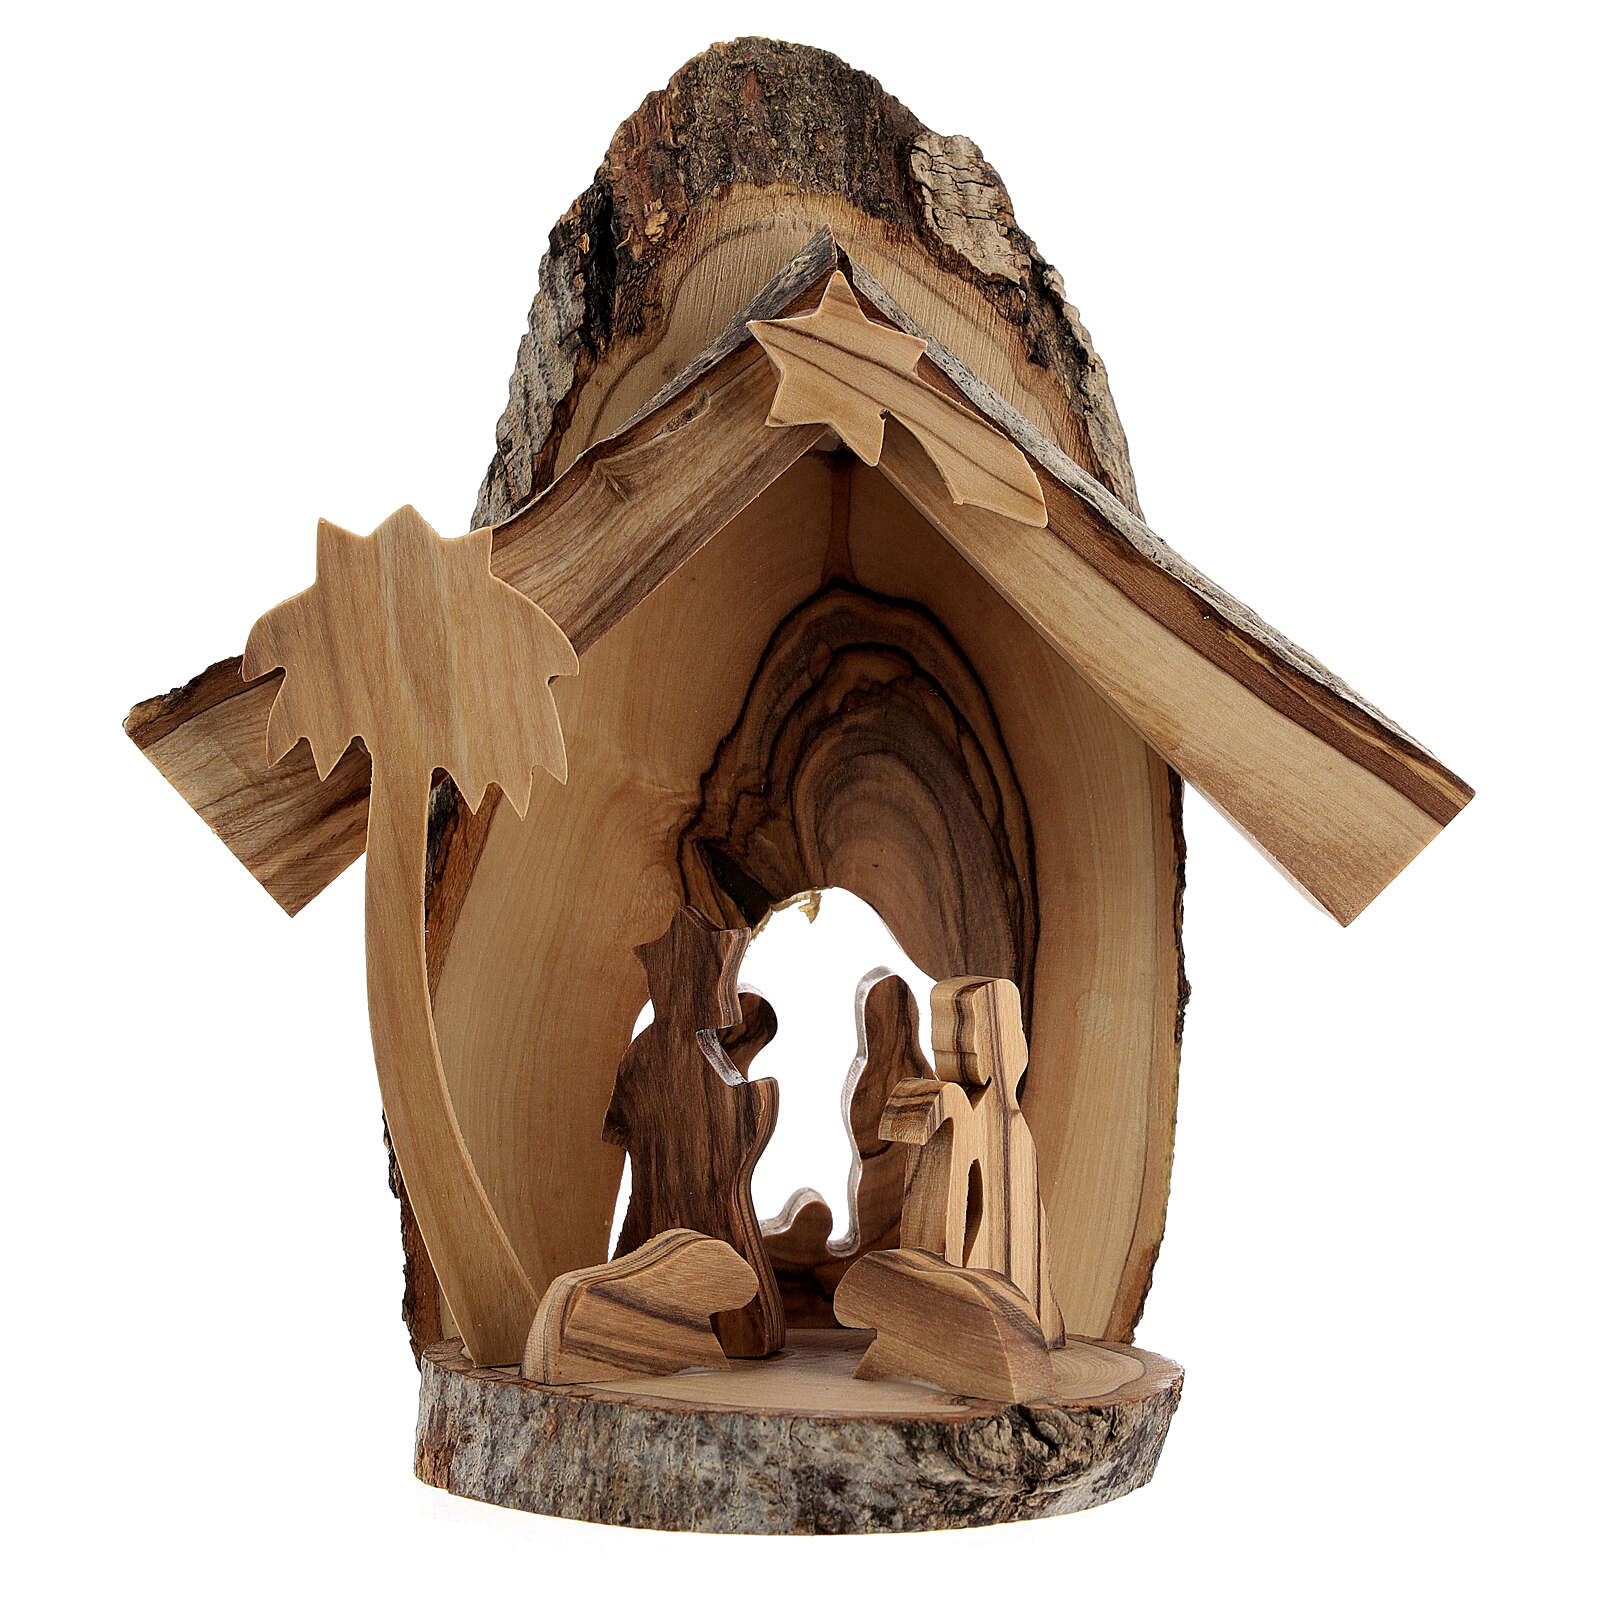 Cabana Natividade 4 cm secção tronco oliveira Belém 14x13,5x7 cm 4